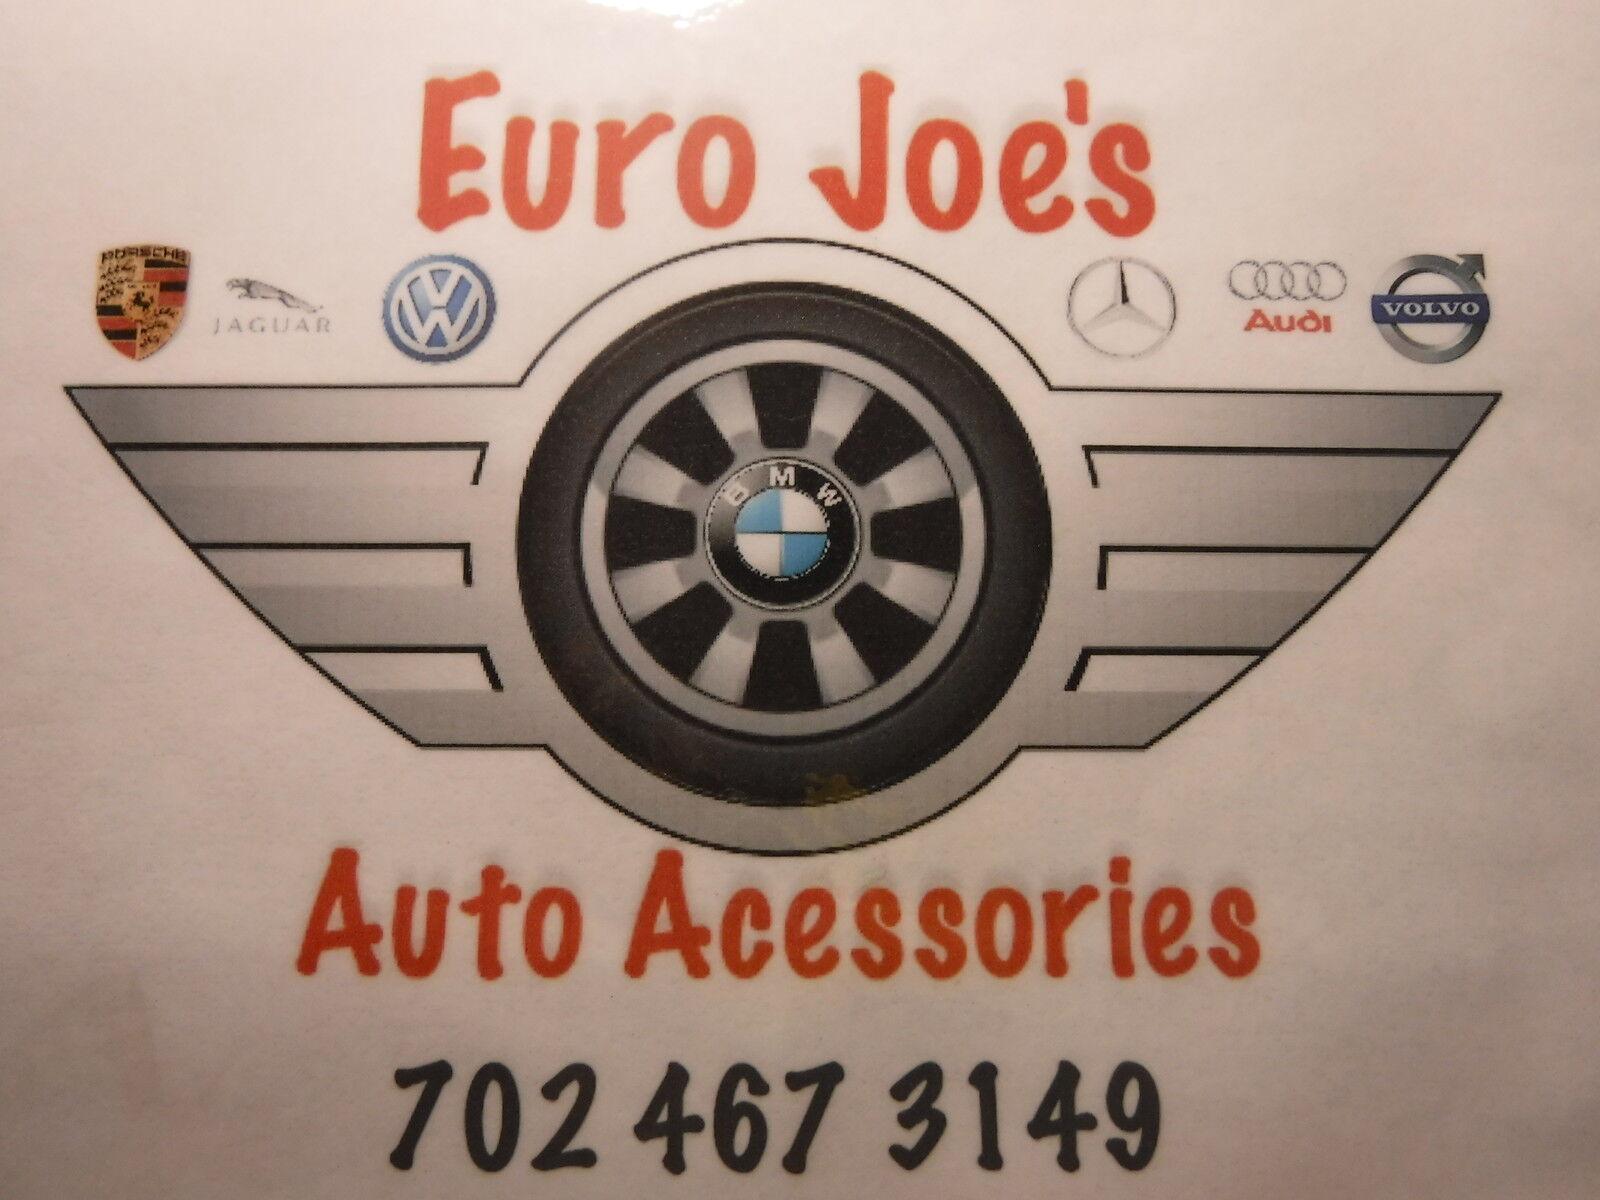 EURO-JOE'S-AUTO ACCESSY'S & MORE